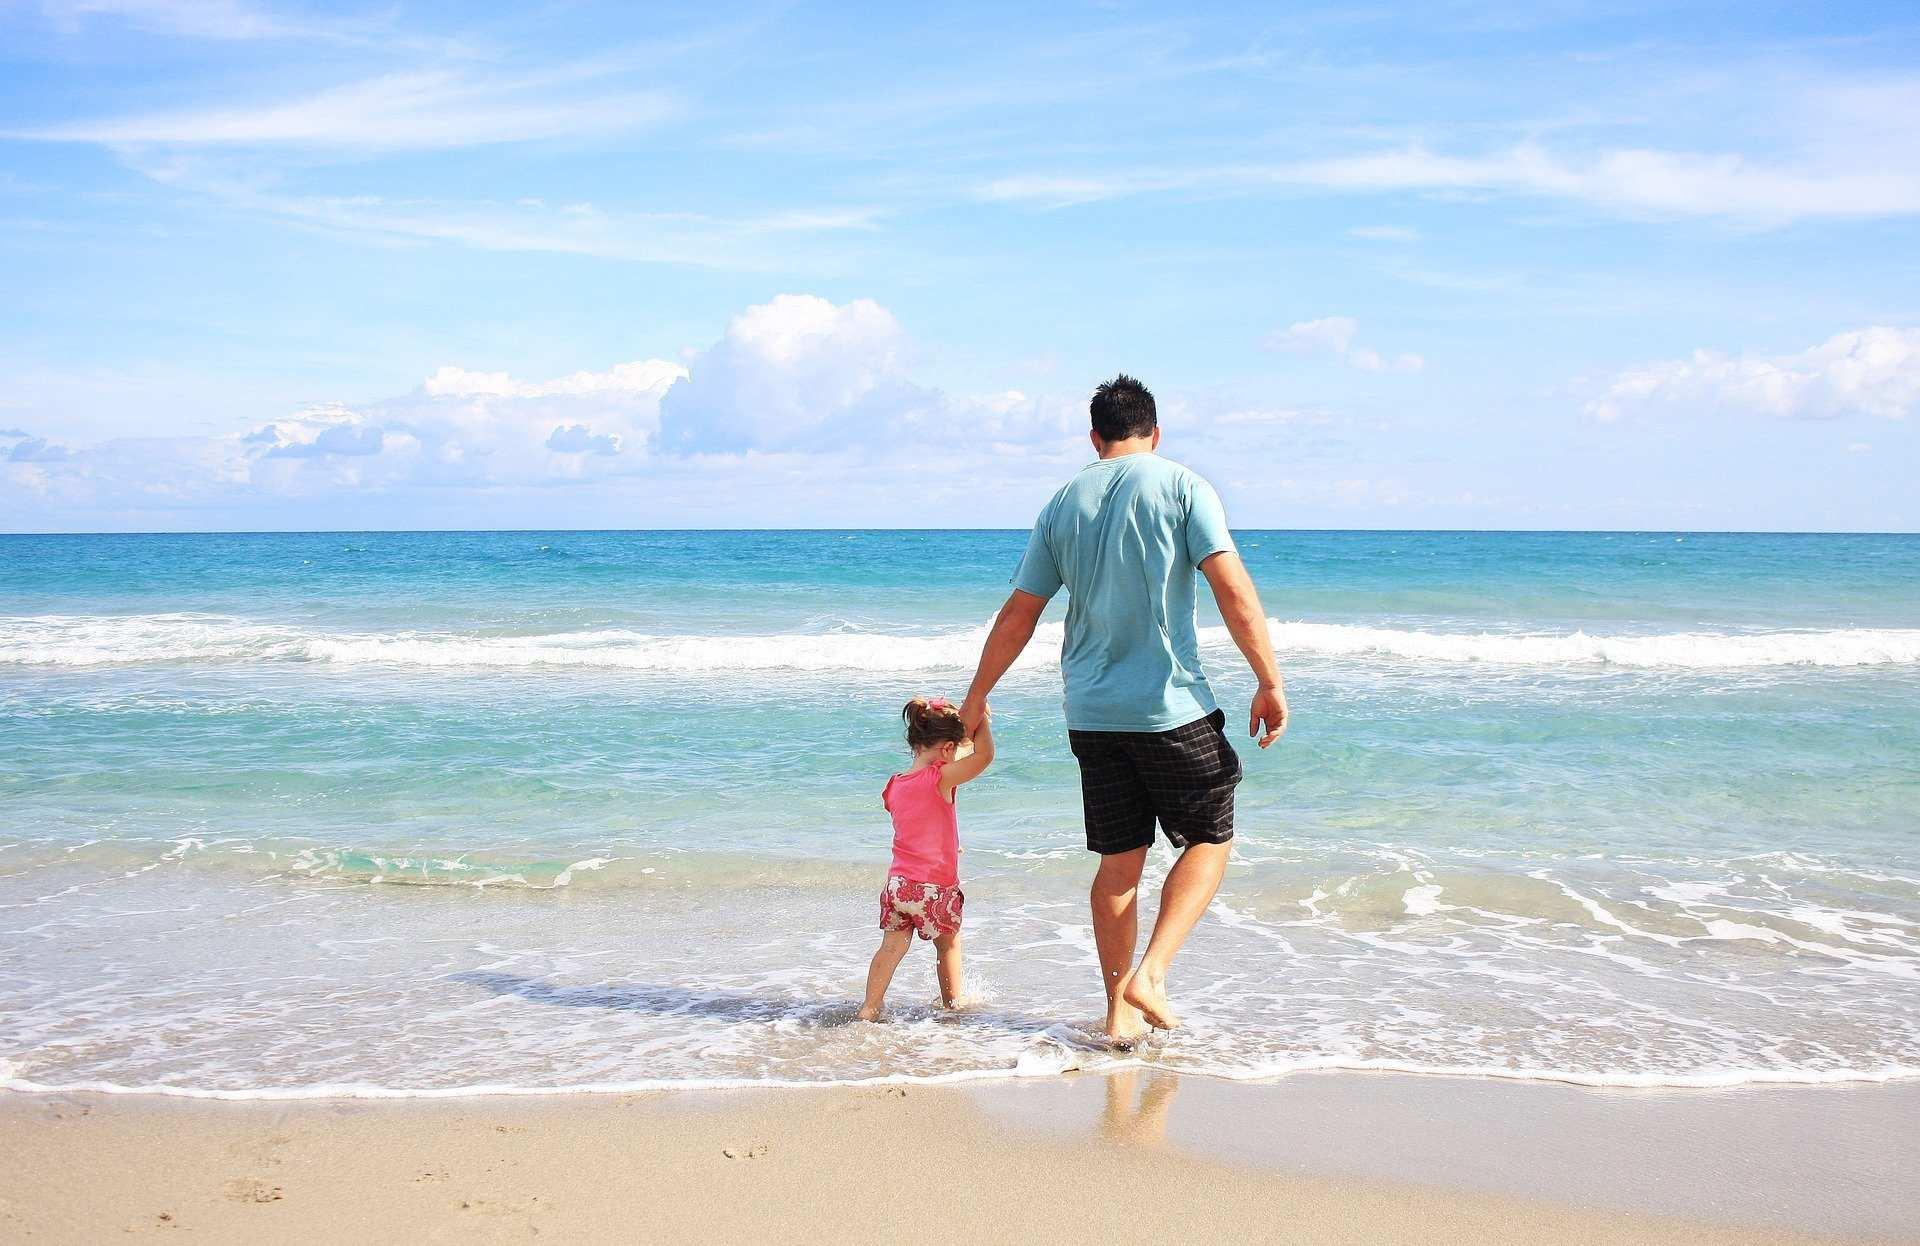 В России появится новый праздник — День отца. А чему вас научил отец?